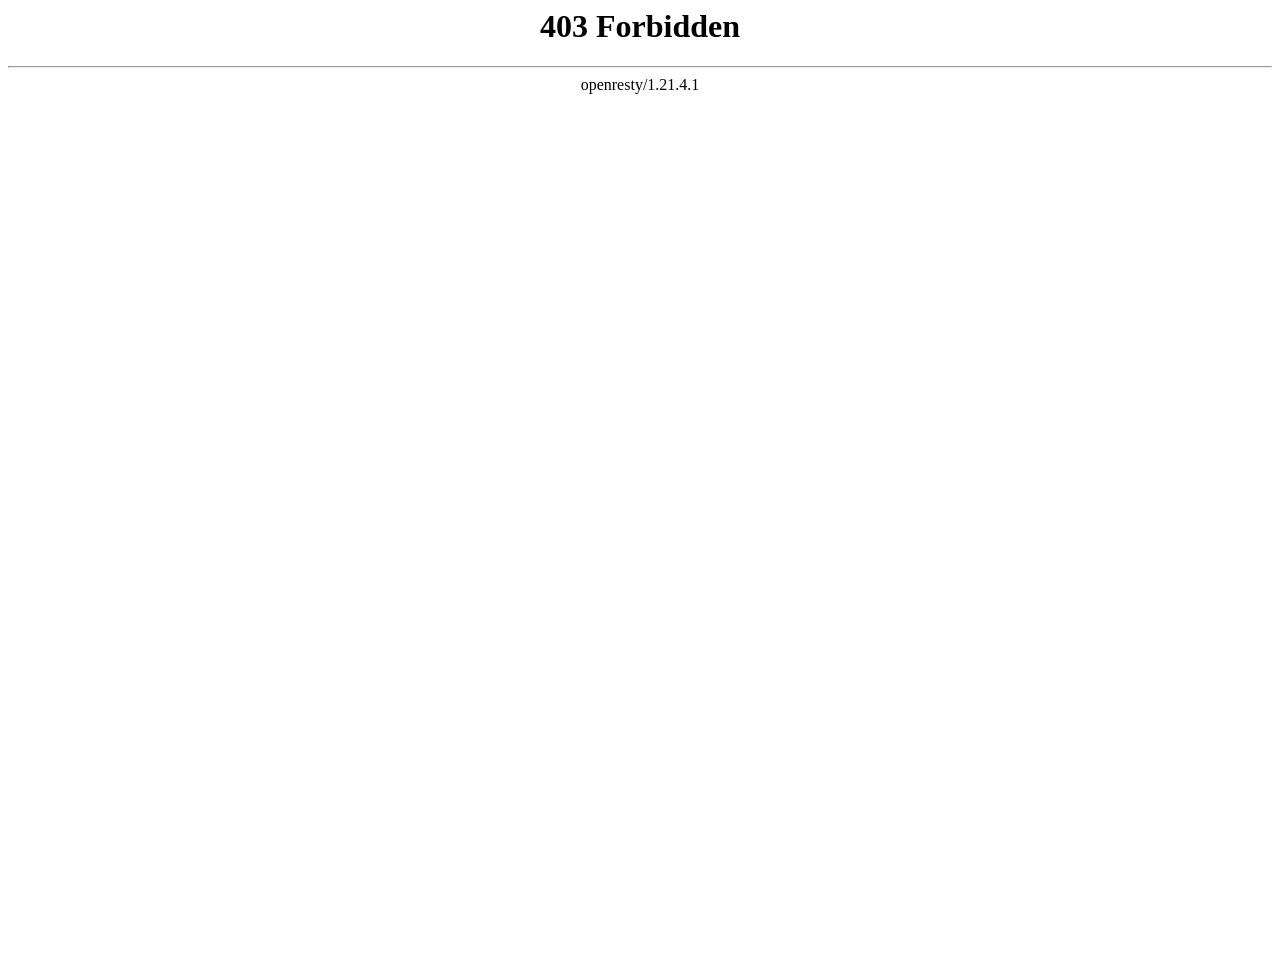 高清范hdpfans_电视盒子论坛